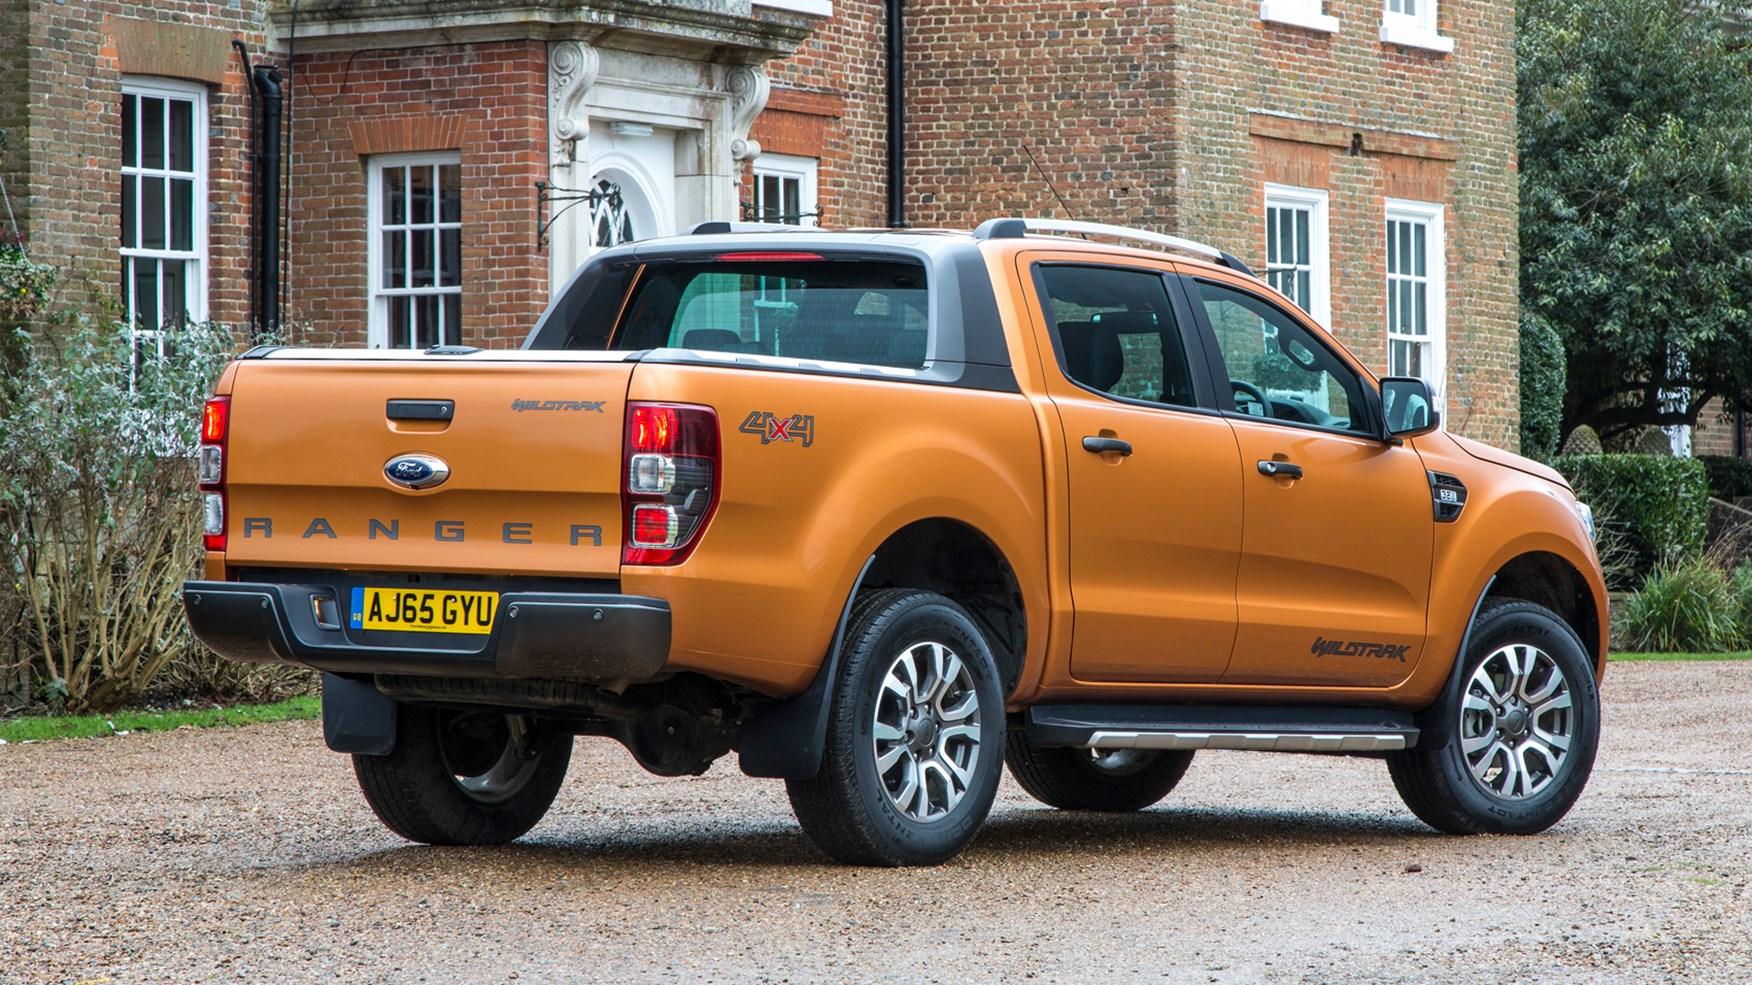 Image Result For Ford Kuga Orange